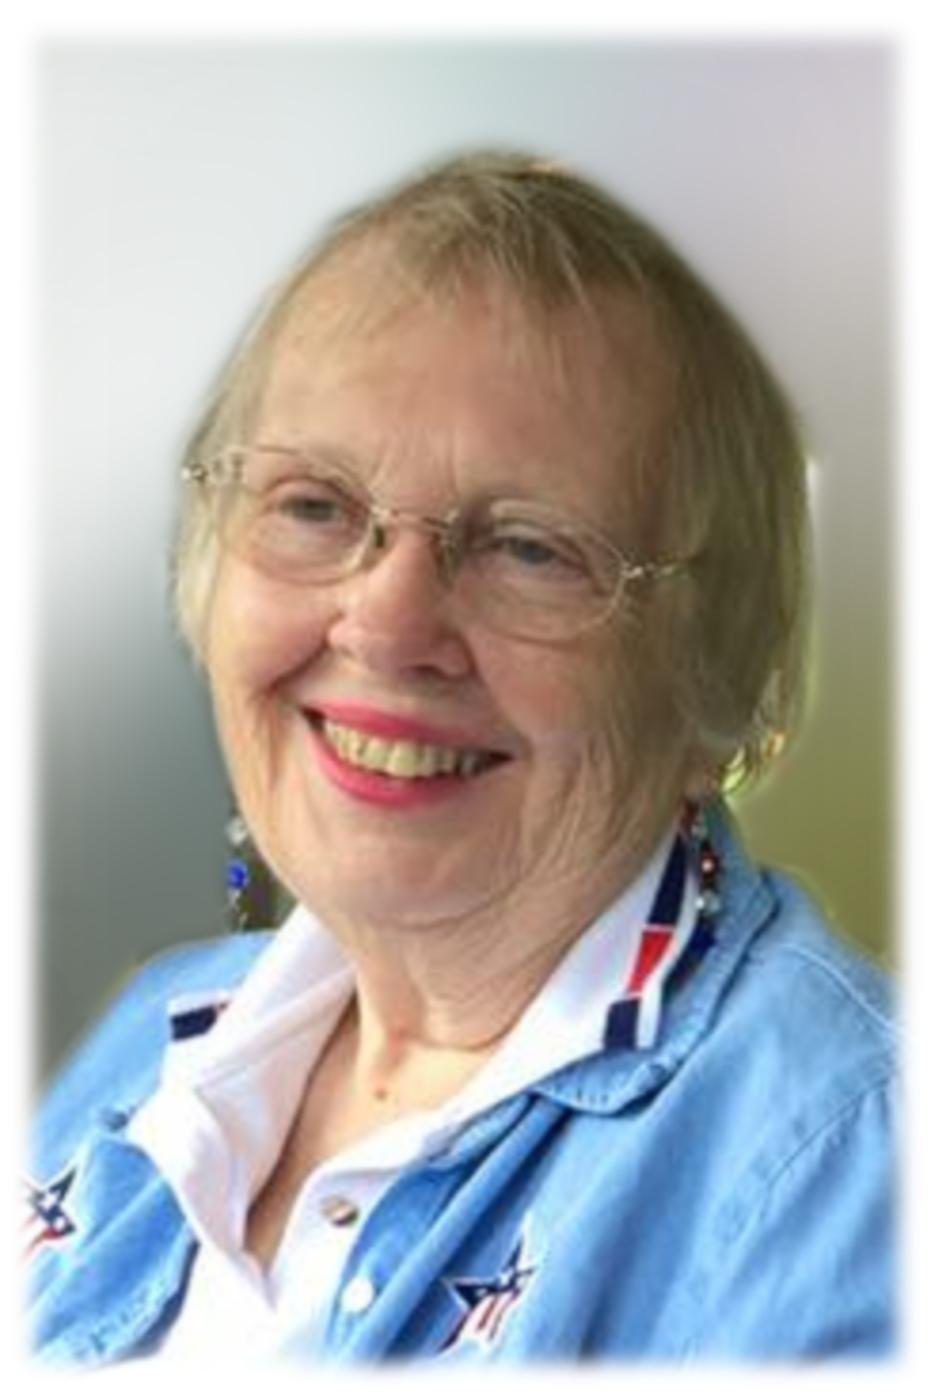 Obituary: LOIS J. HOLTZ (nee Kemp)